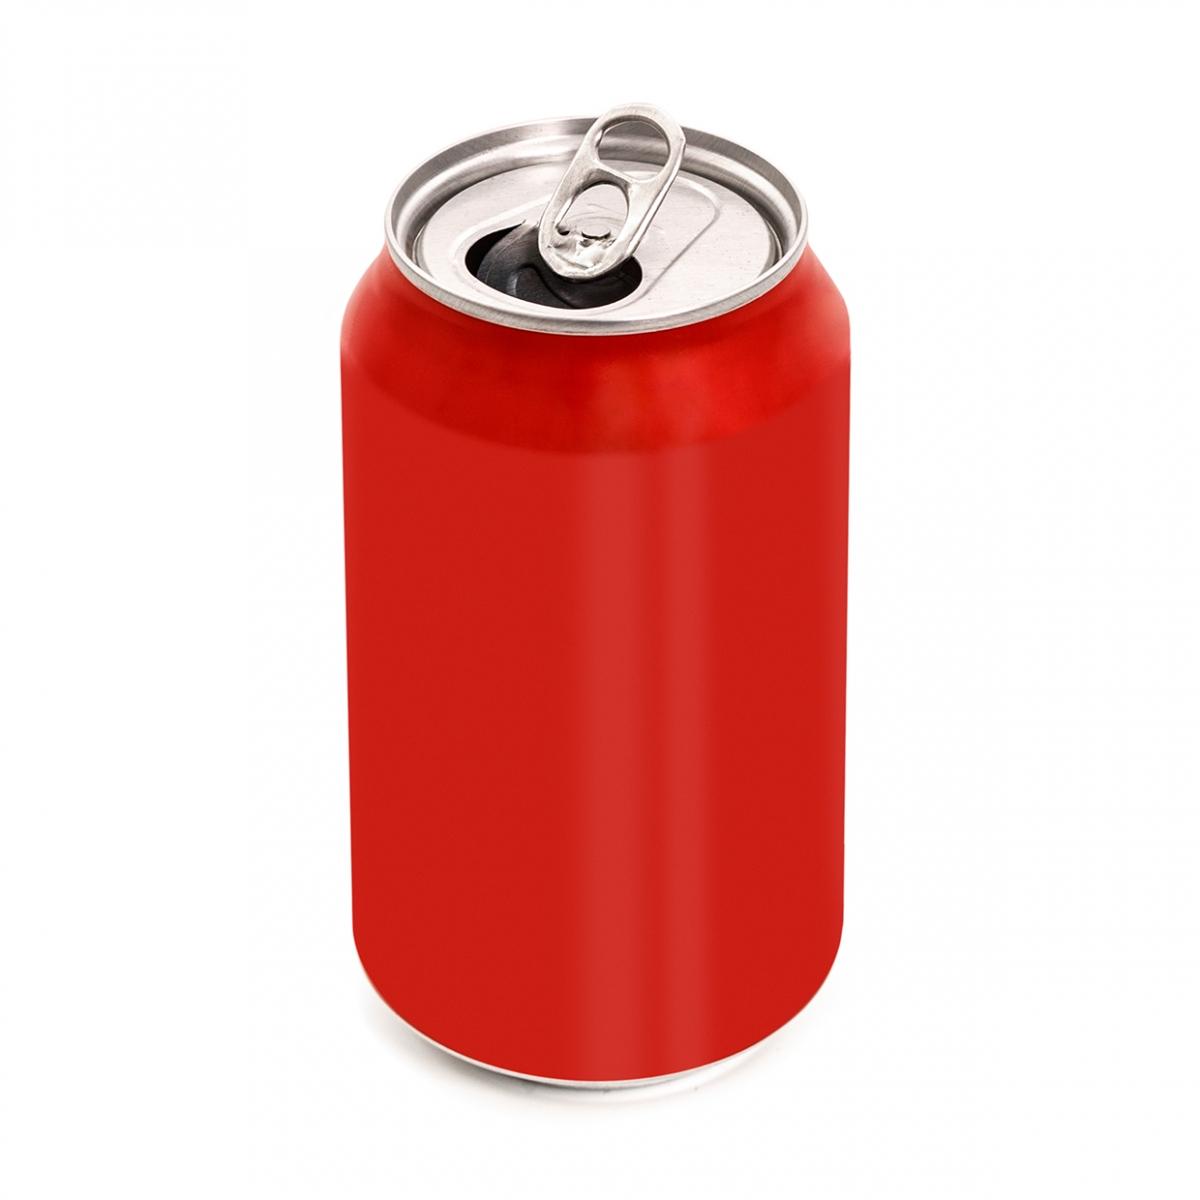 Imagen en la que se ve una lata de refresco